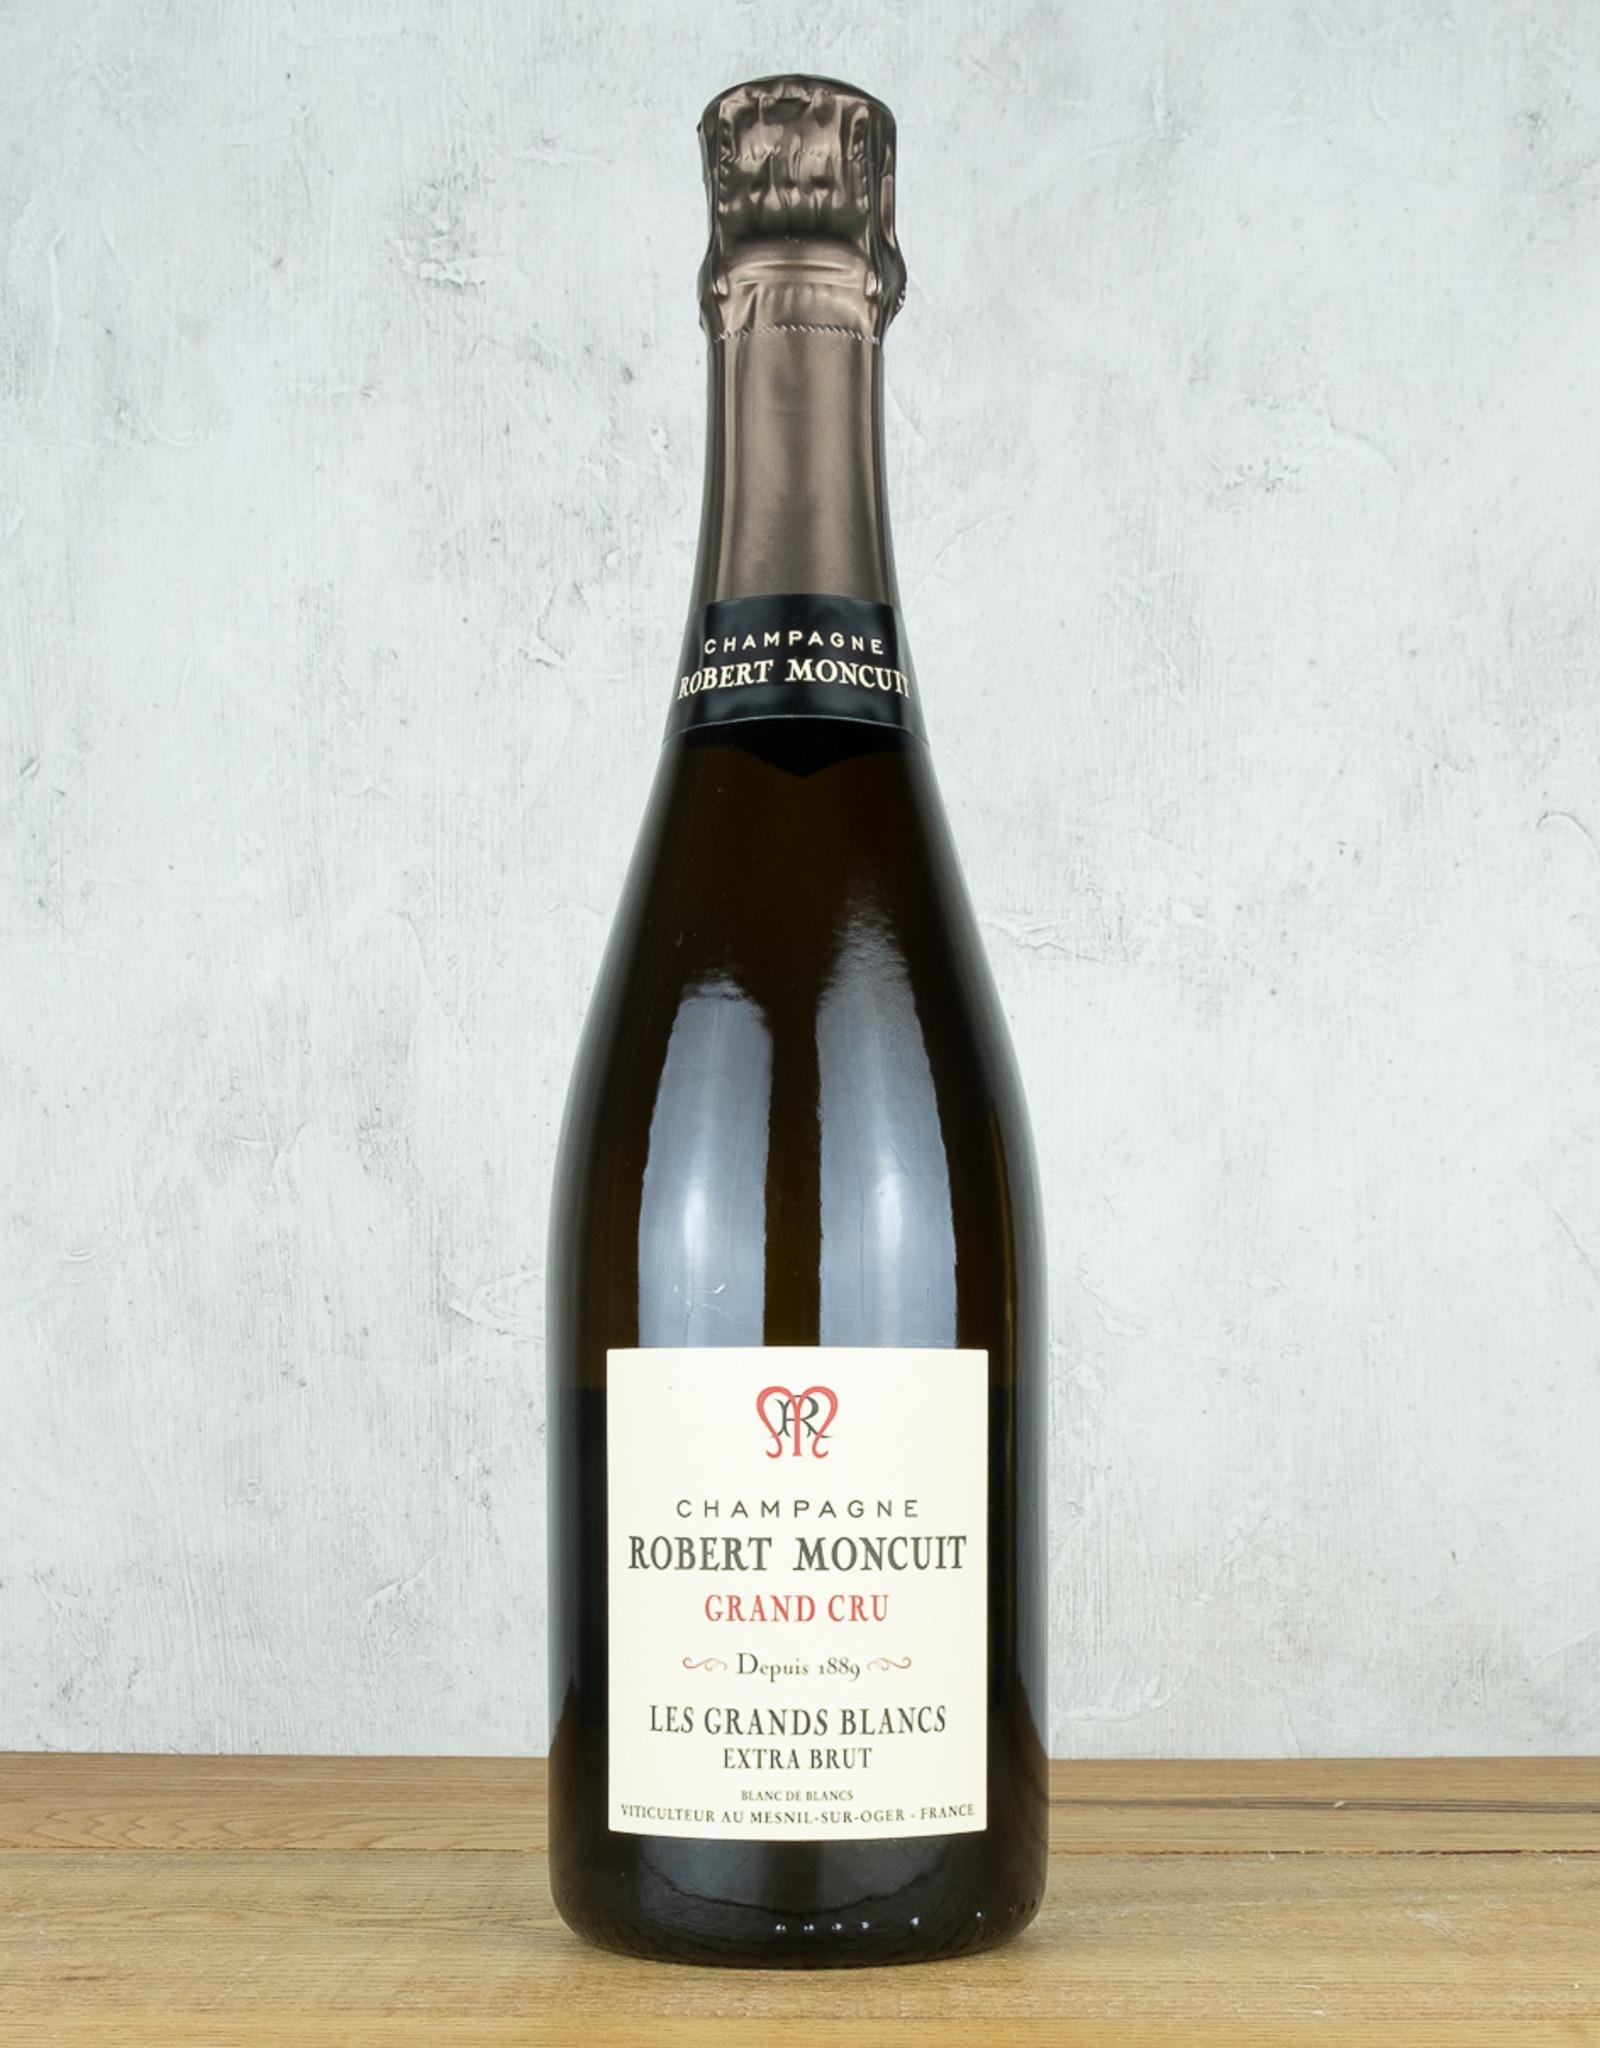 Champagne Robert Moncuit Les Grands Blancs Extra Brut